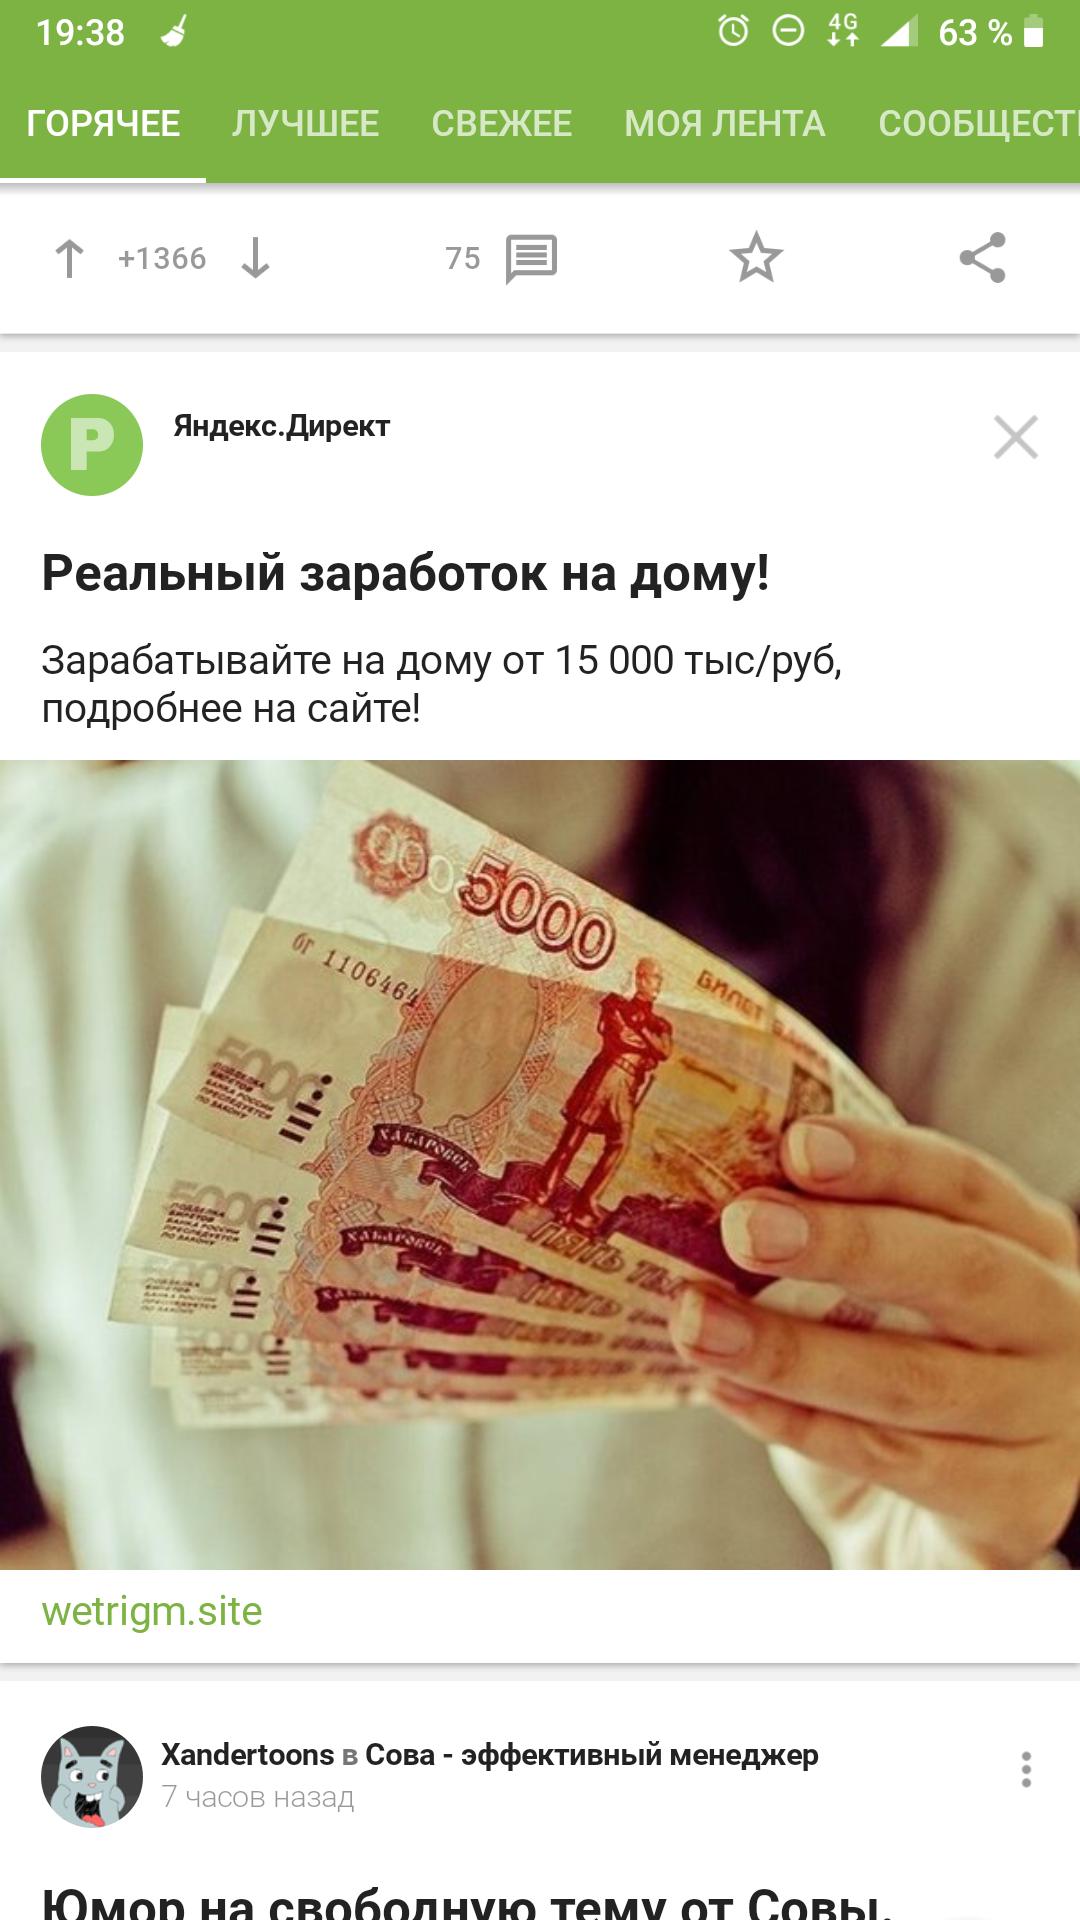 Реклама казино вулкан в инстаграмме онлайн казино разрешенные в казахстане